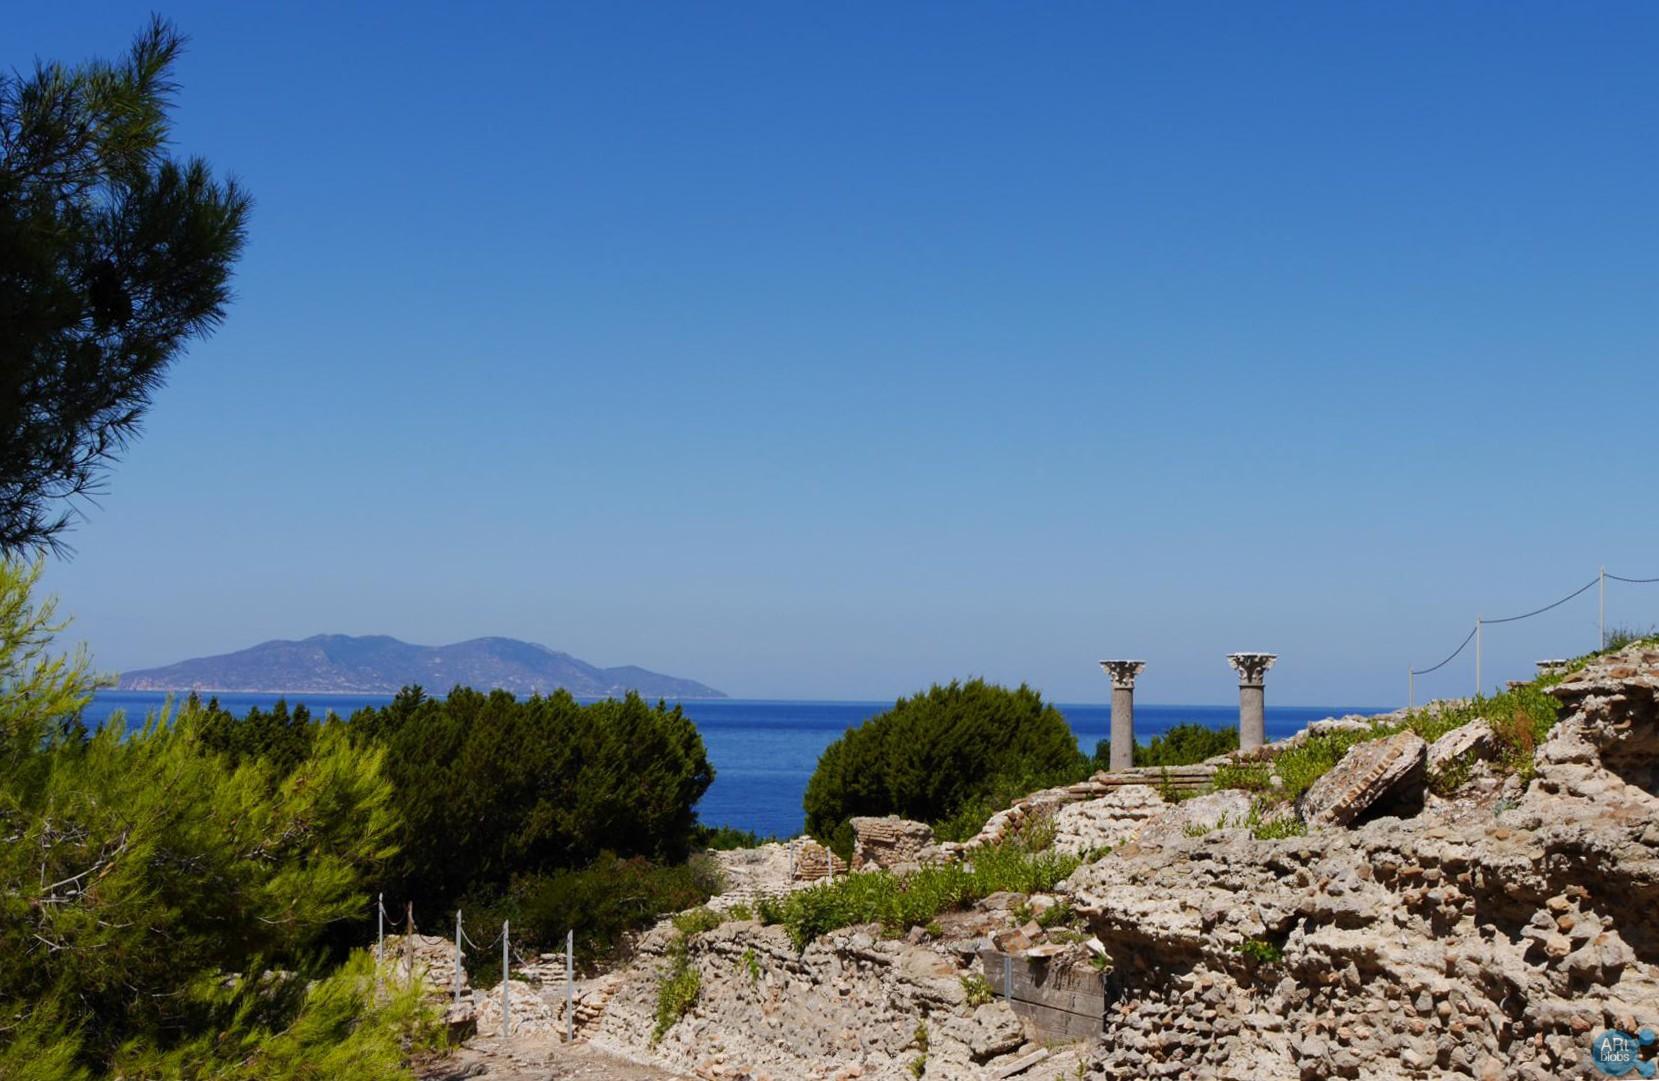 (Italiano) La terrazza sul Tirreno con vista su isola del Giglio, villa romana imperiale di Nerone, Isola di Giannutri